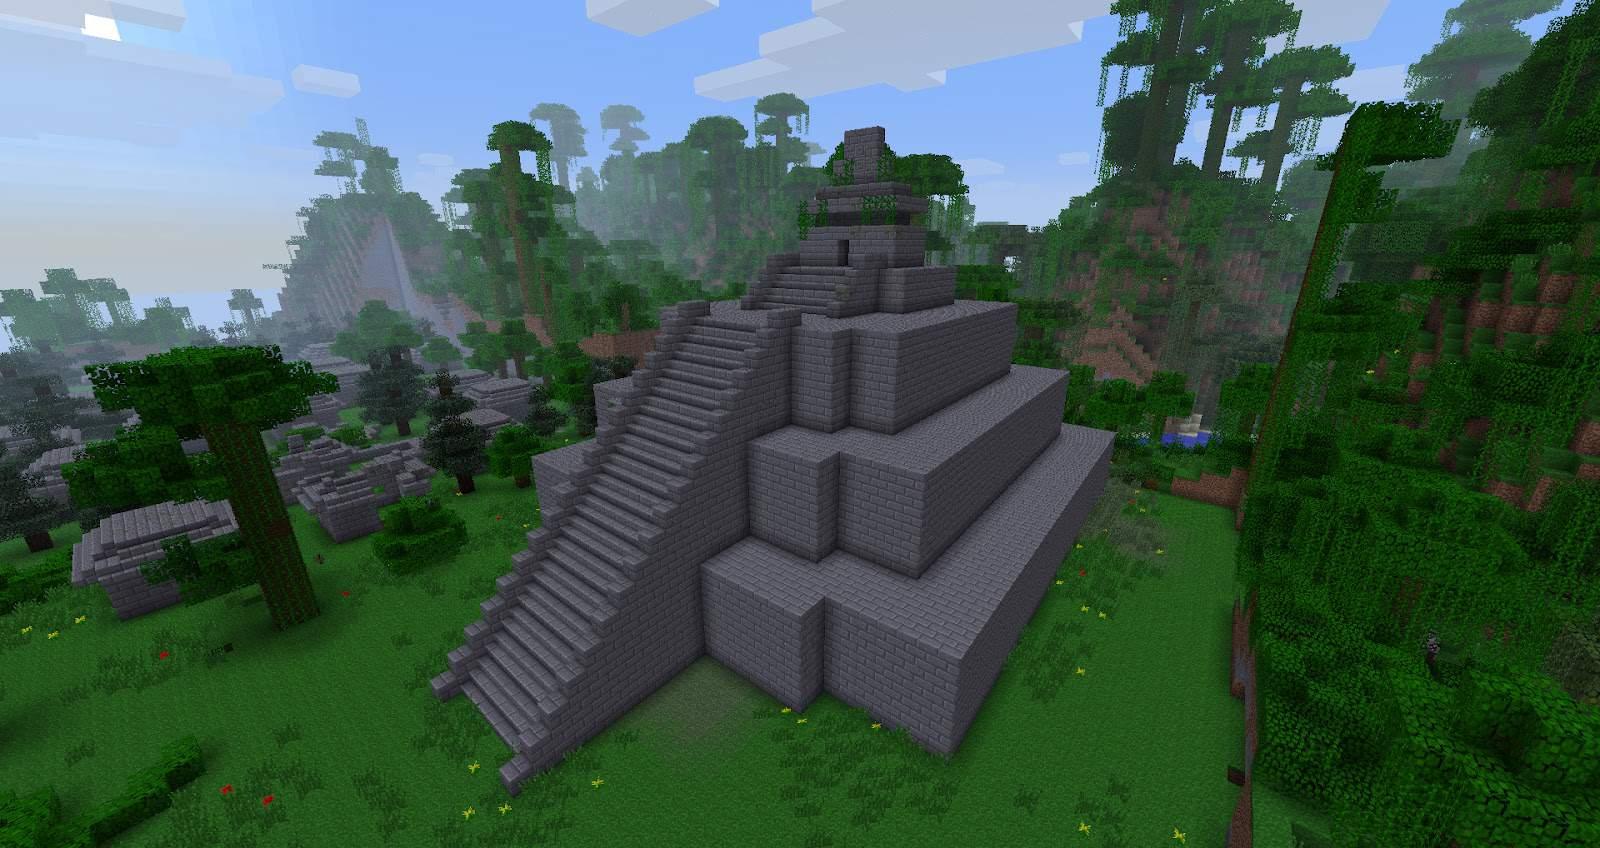 mayans_minecraft_ruins_fpsx